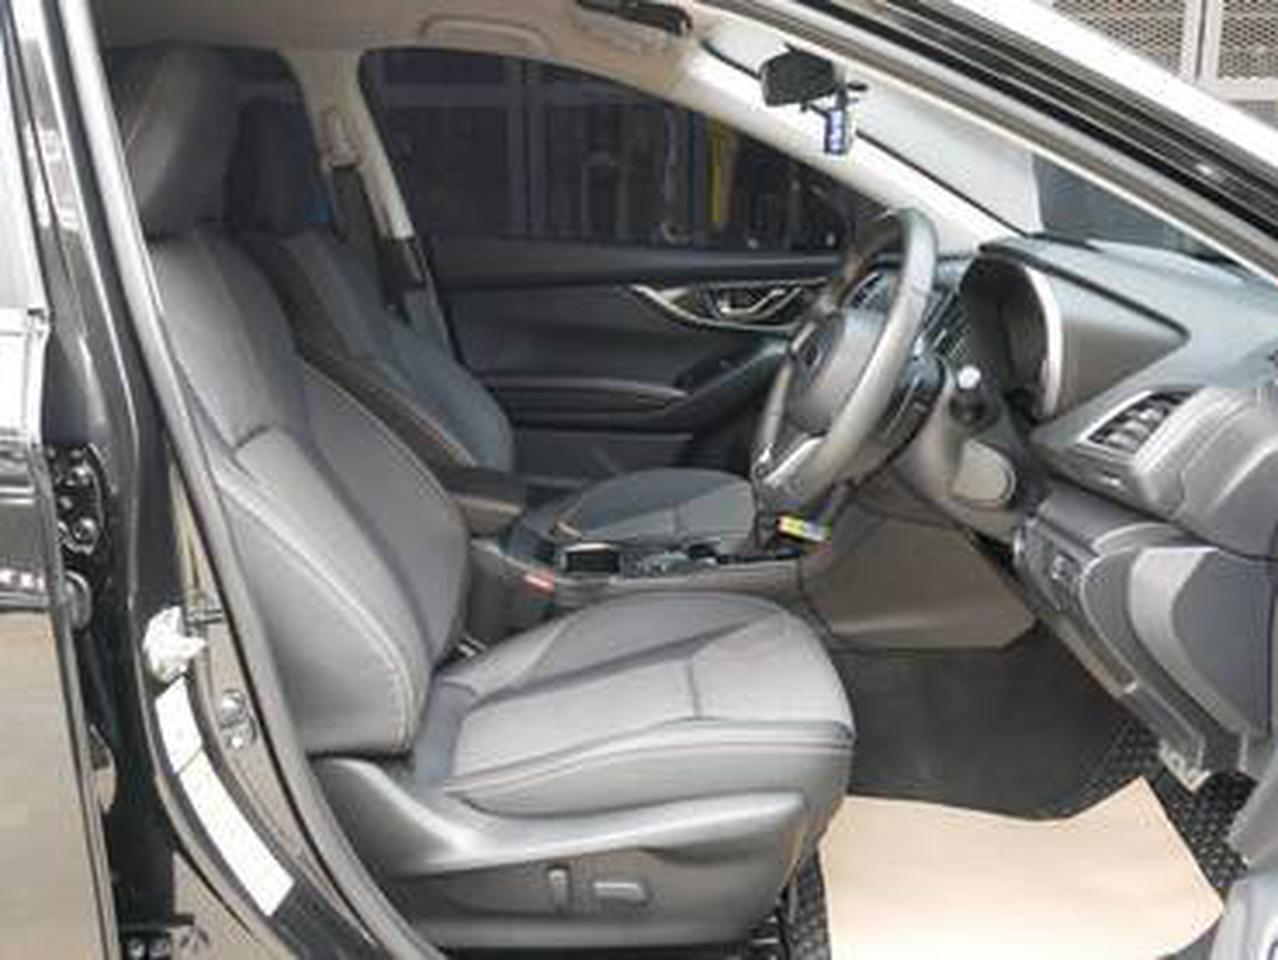 ขายรถ SUBARU XV 2.0i P 2018 รถเครื่อง 2000 cc ขับ 4 คันนี้ เลขไมล์ 6x,xxx กิโลเมตร เป็นรถที่ใช้งานได้ดีมากก รูปที่ 2